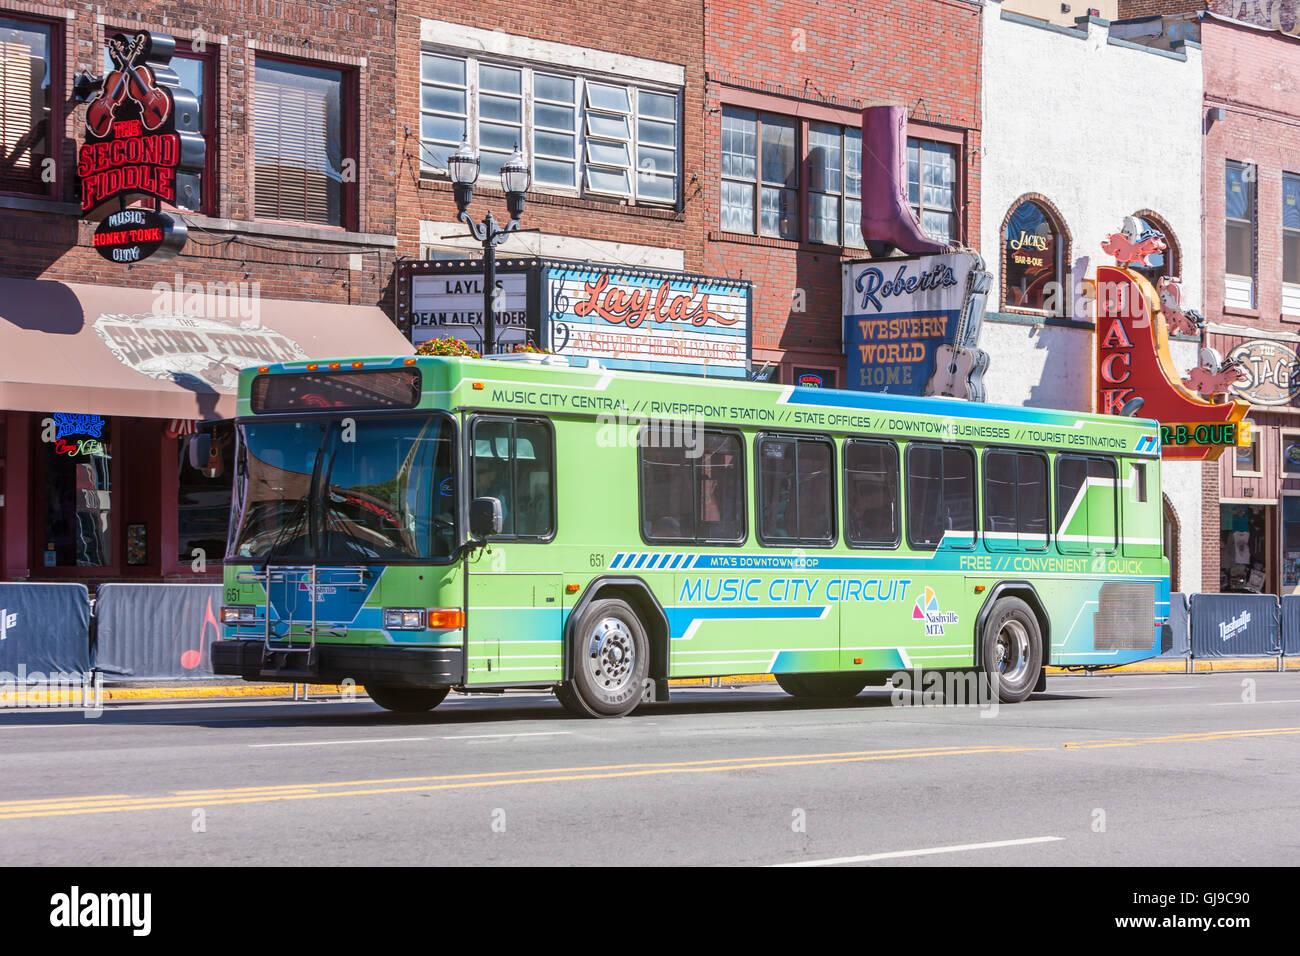 Ein kostenloser Musik Stadtkurs Zirkulator Bus in der Honky Tonk Bezirk von Nashville, Tennessee. Stockbild